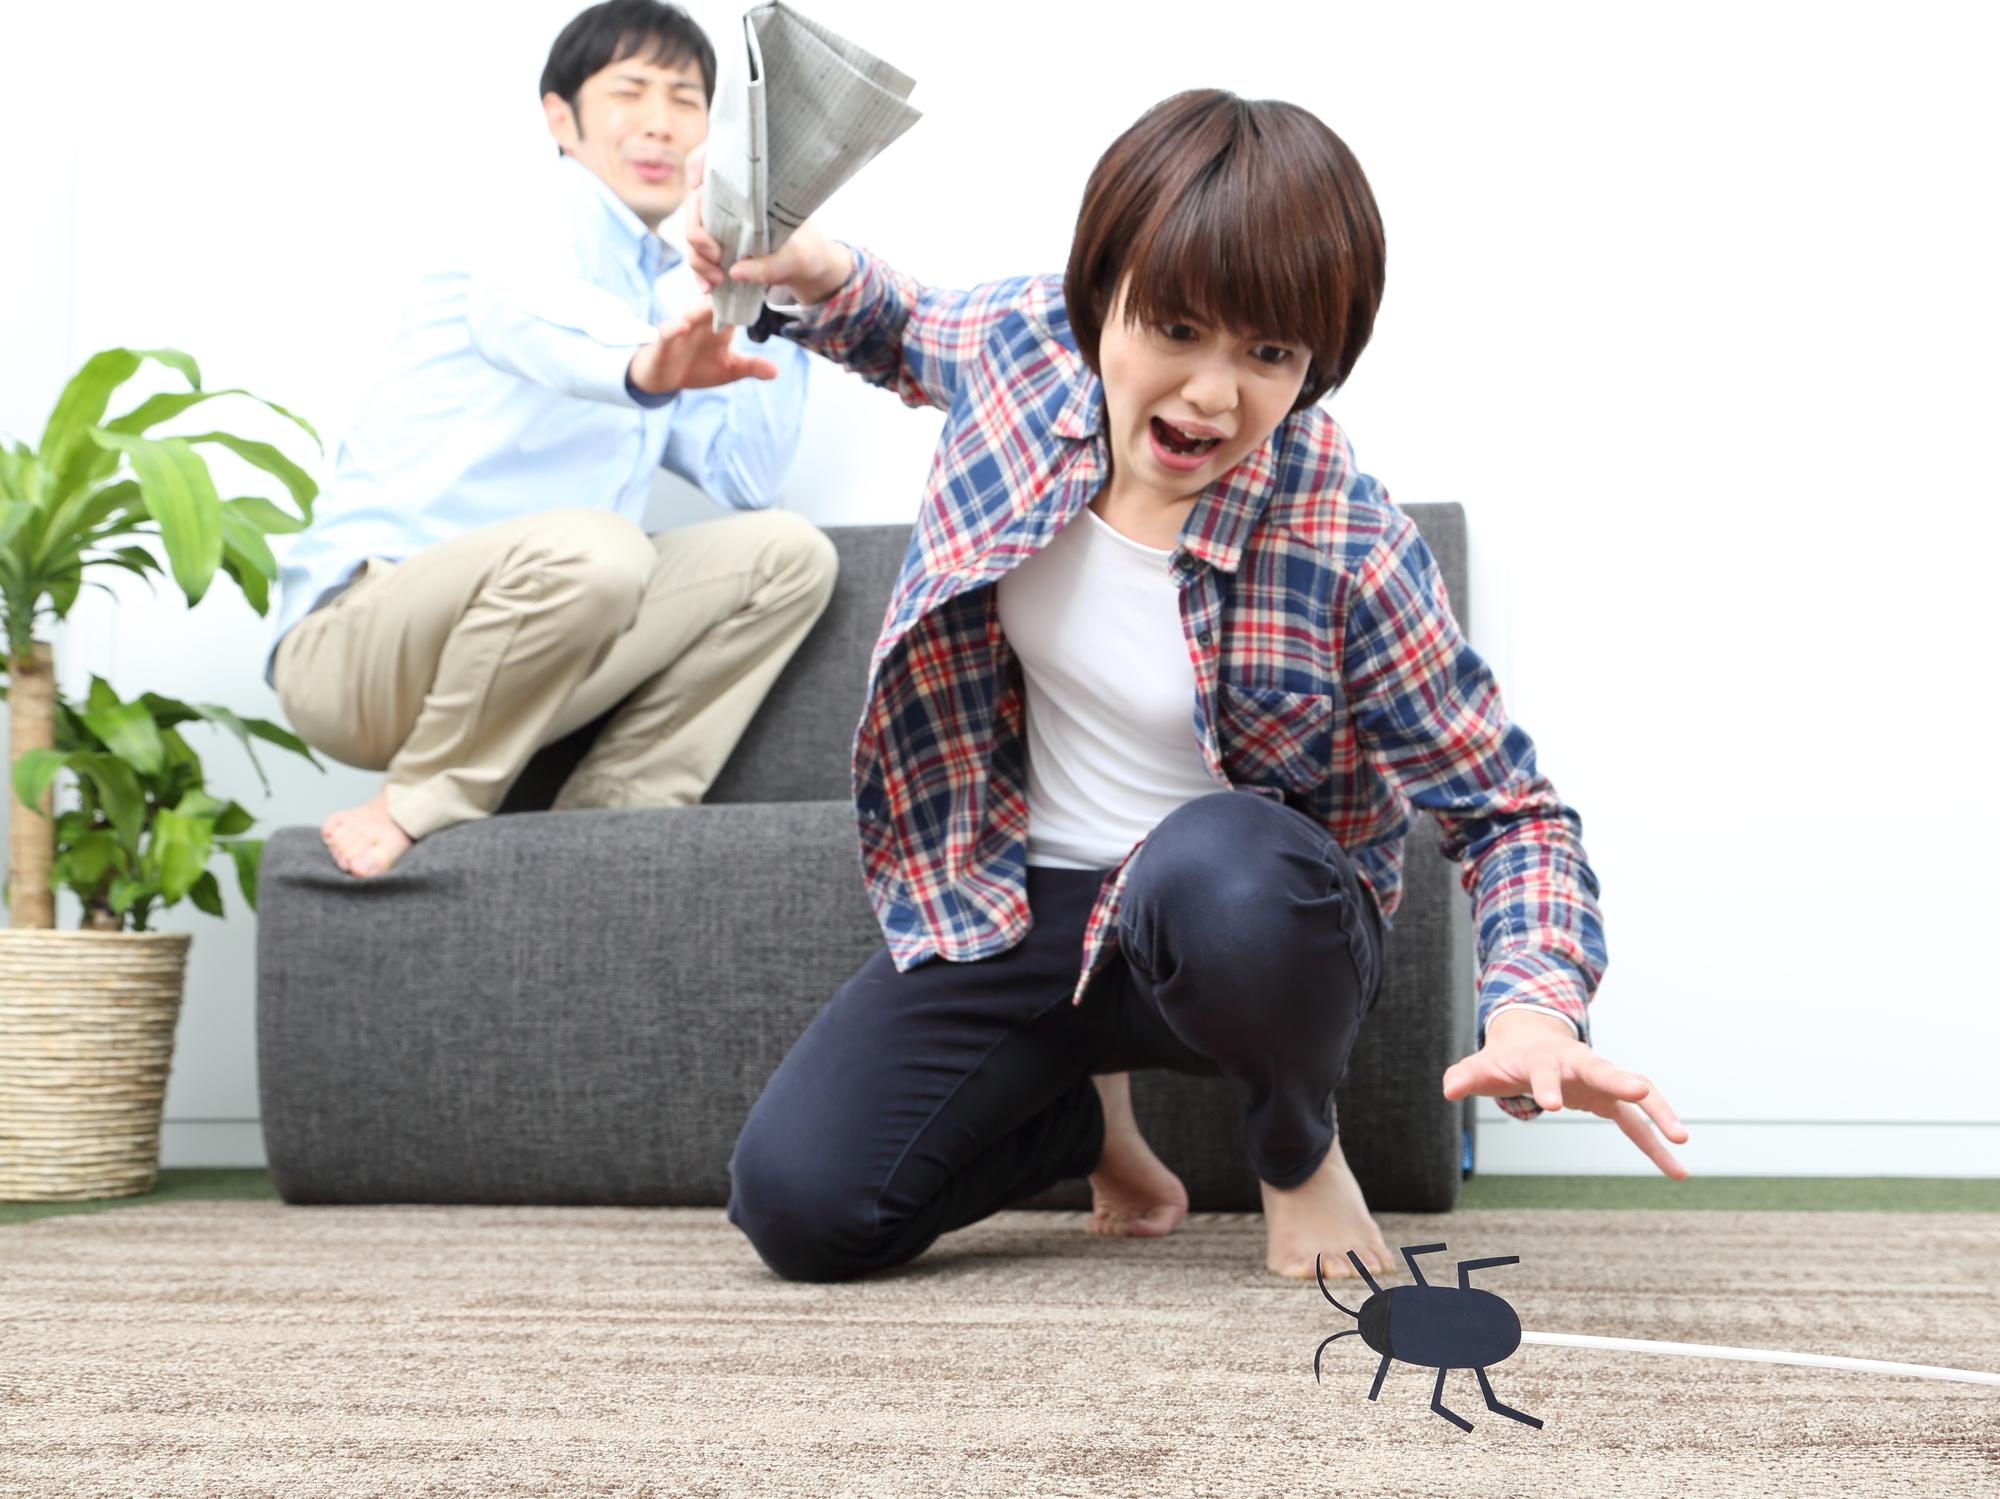 ゴキブリを倒そうとする女性と怖がる男性